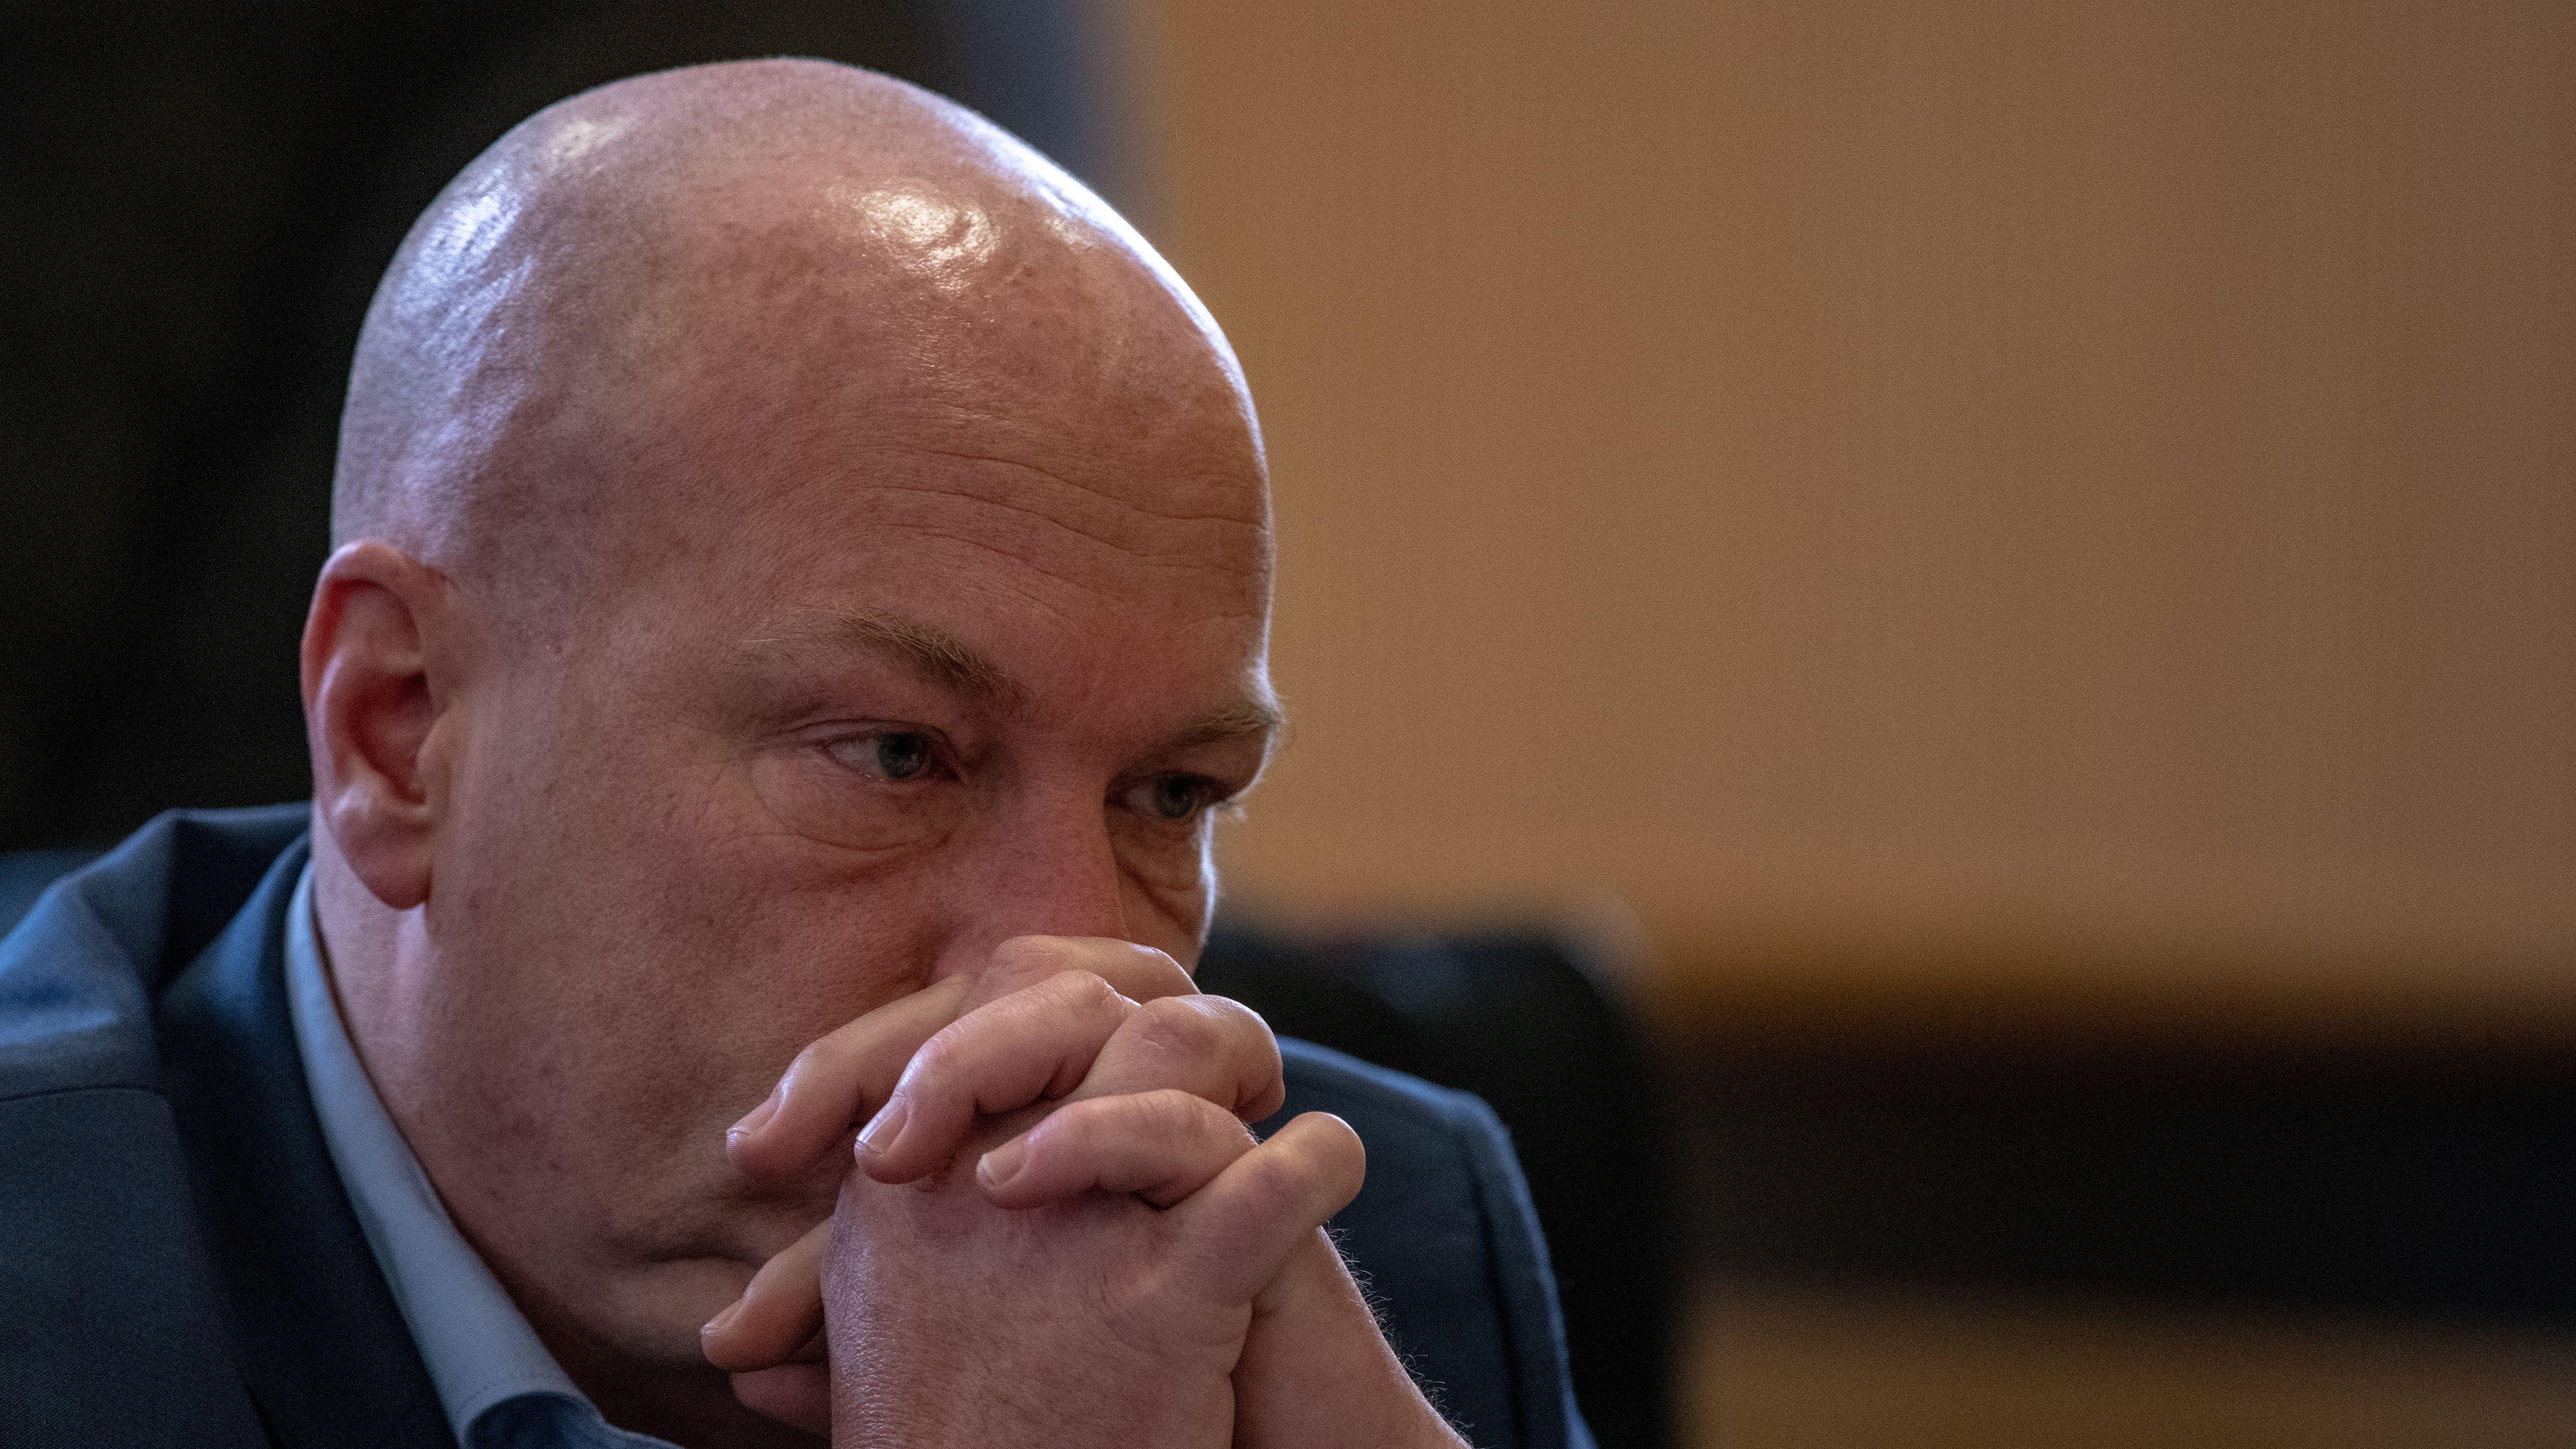 Der suspendierte Regensburger OB Joachim Wolbergs: Heute haben er und die anderen Angeklagten das letze Wort im Korruptionsprozess.